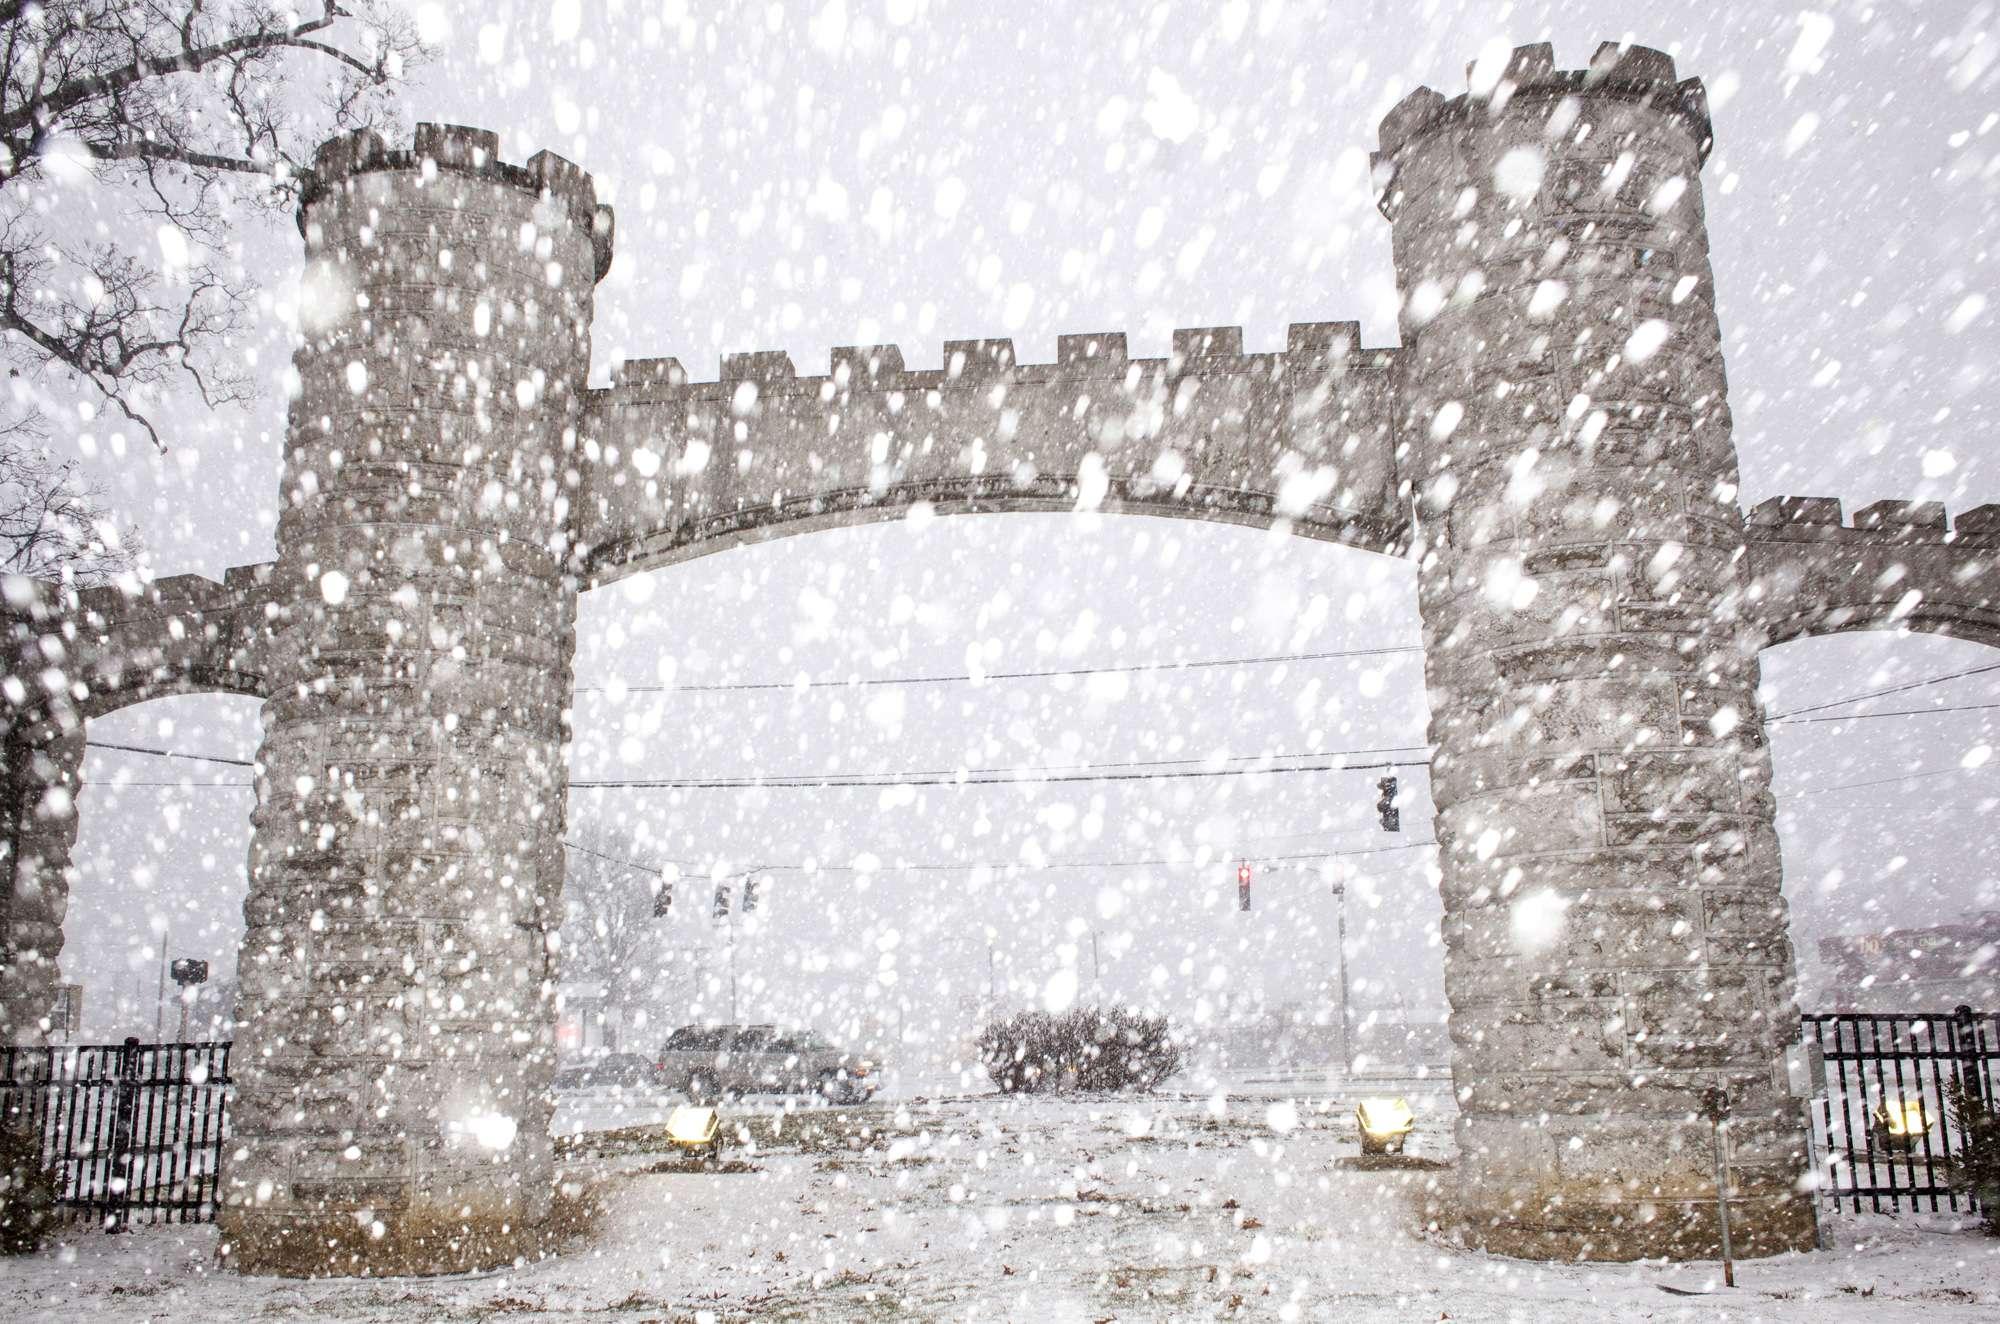 Nieve cayendo en la entrada de Noble Park, el 4 de marzo del 2015, en Paducah, Kentucky. Foto: AP en español